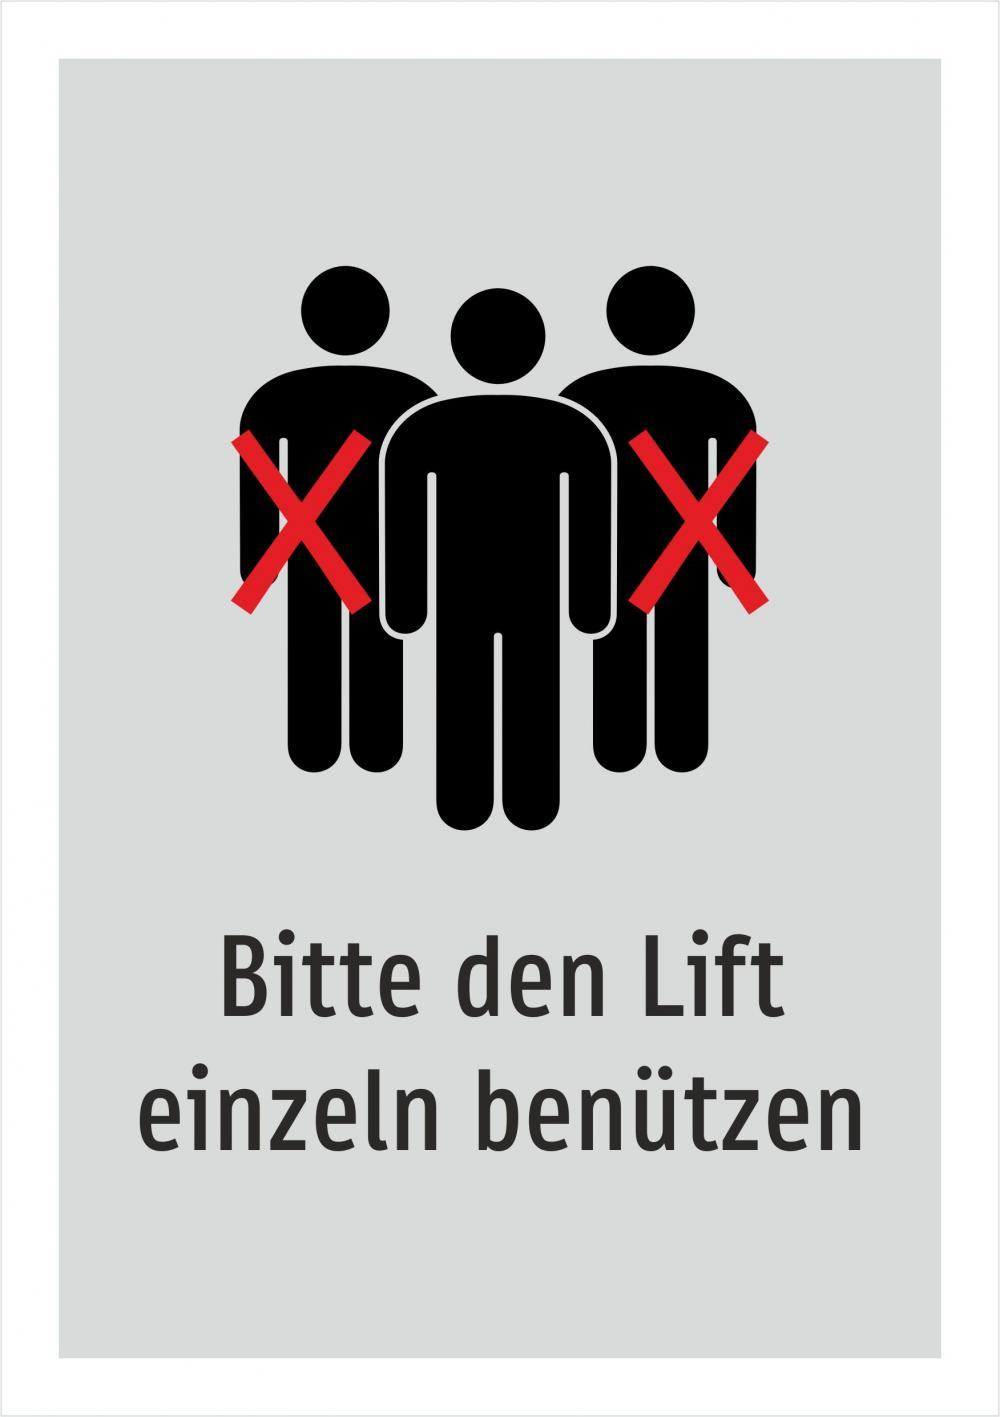 Bitte den Lift einzeln benützen